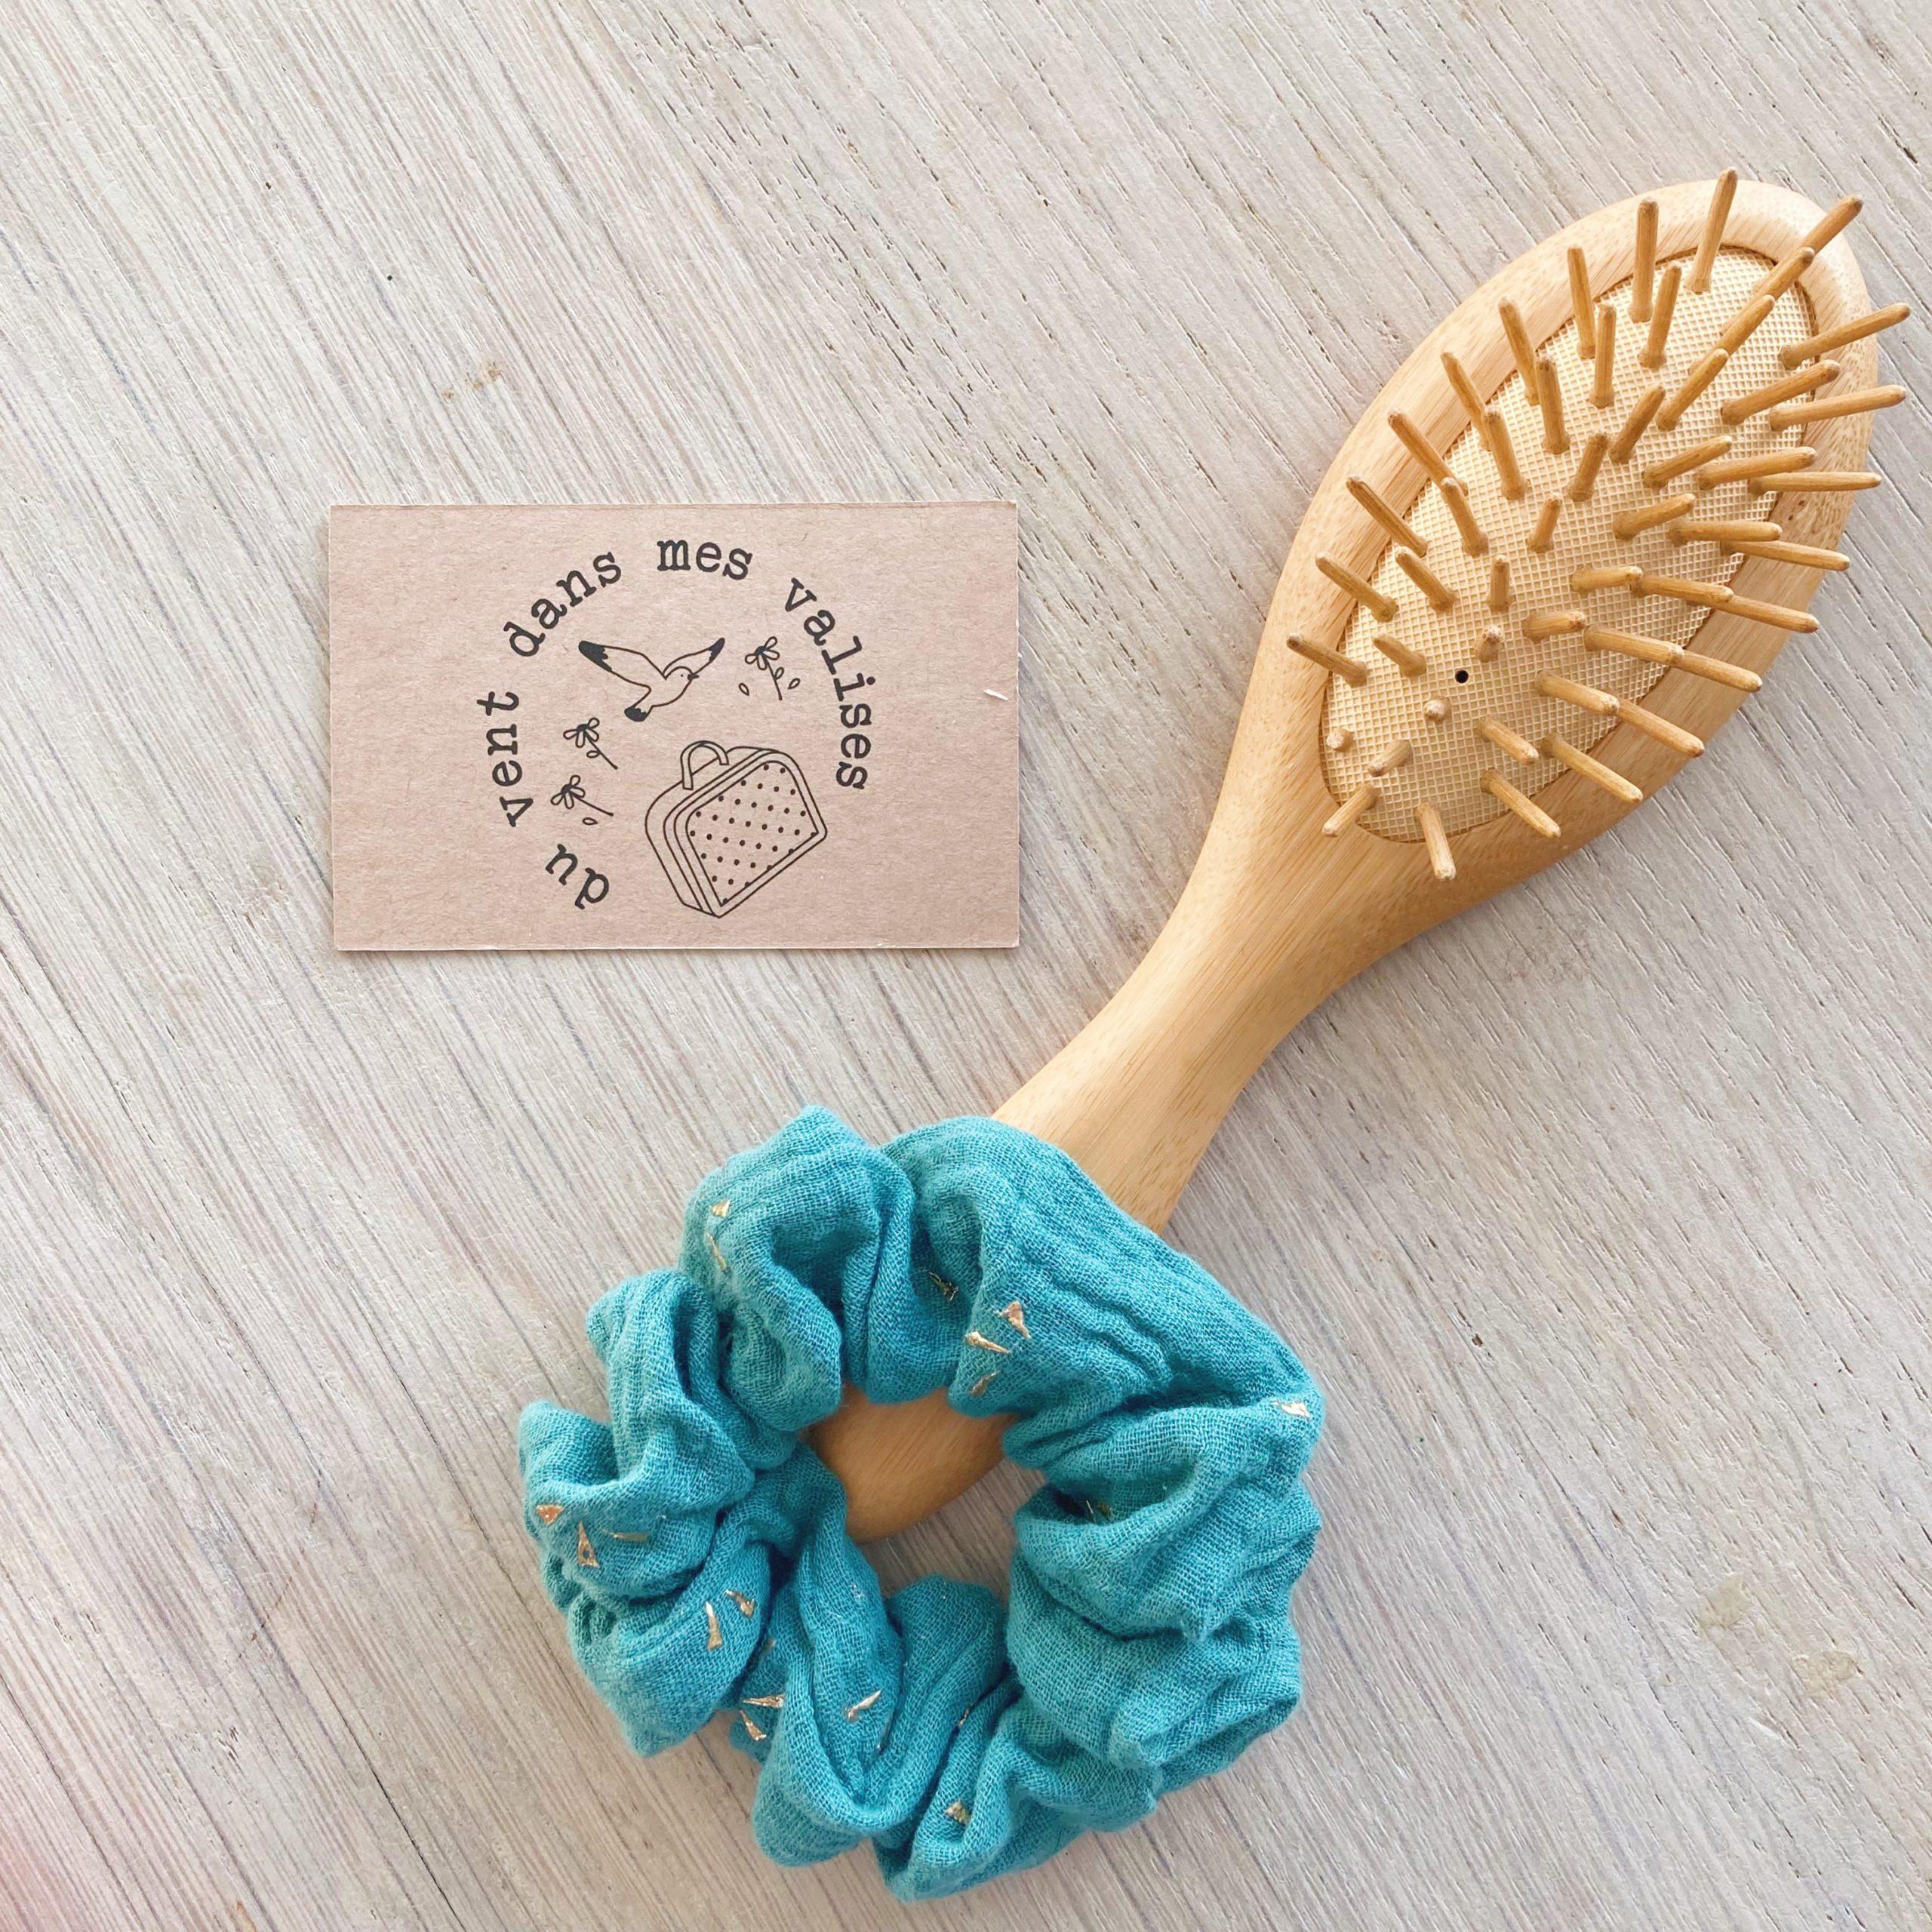 chouchou chic vert or fabrication artisanale française - du vent dans mes valises